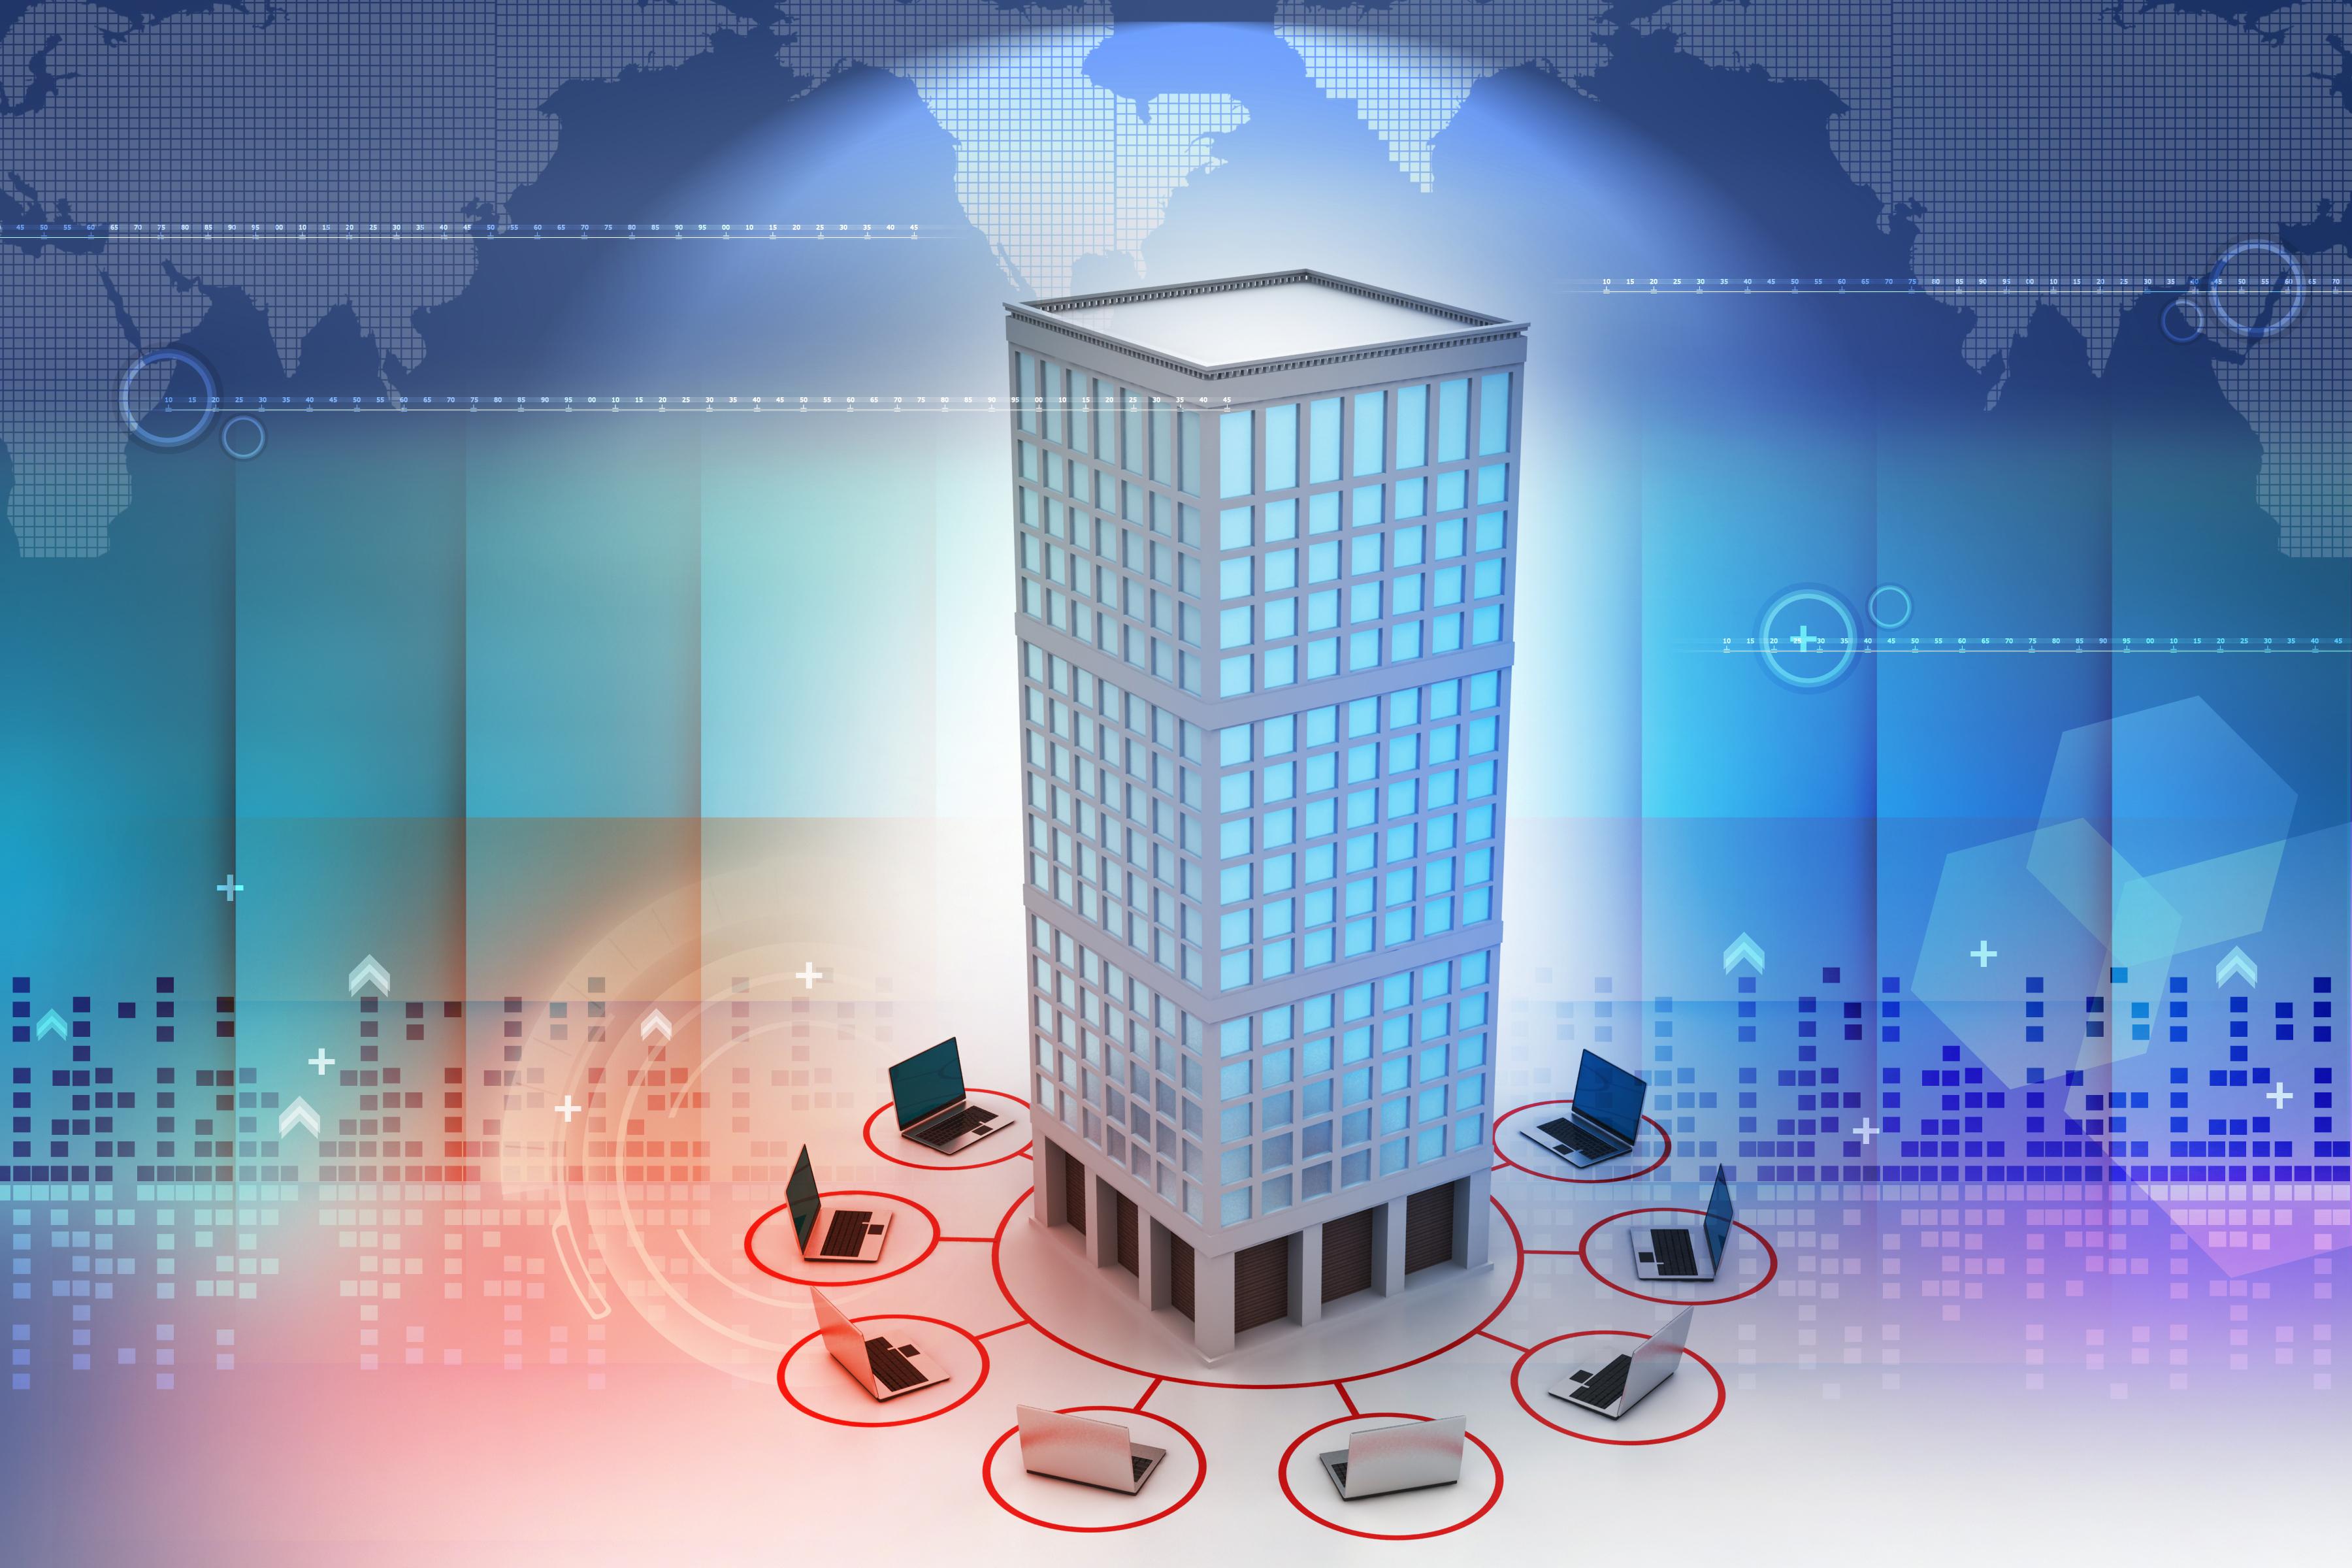 Il mercato dei data center e le opportunità per l'immobiliare